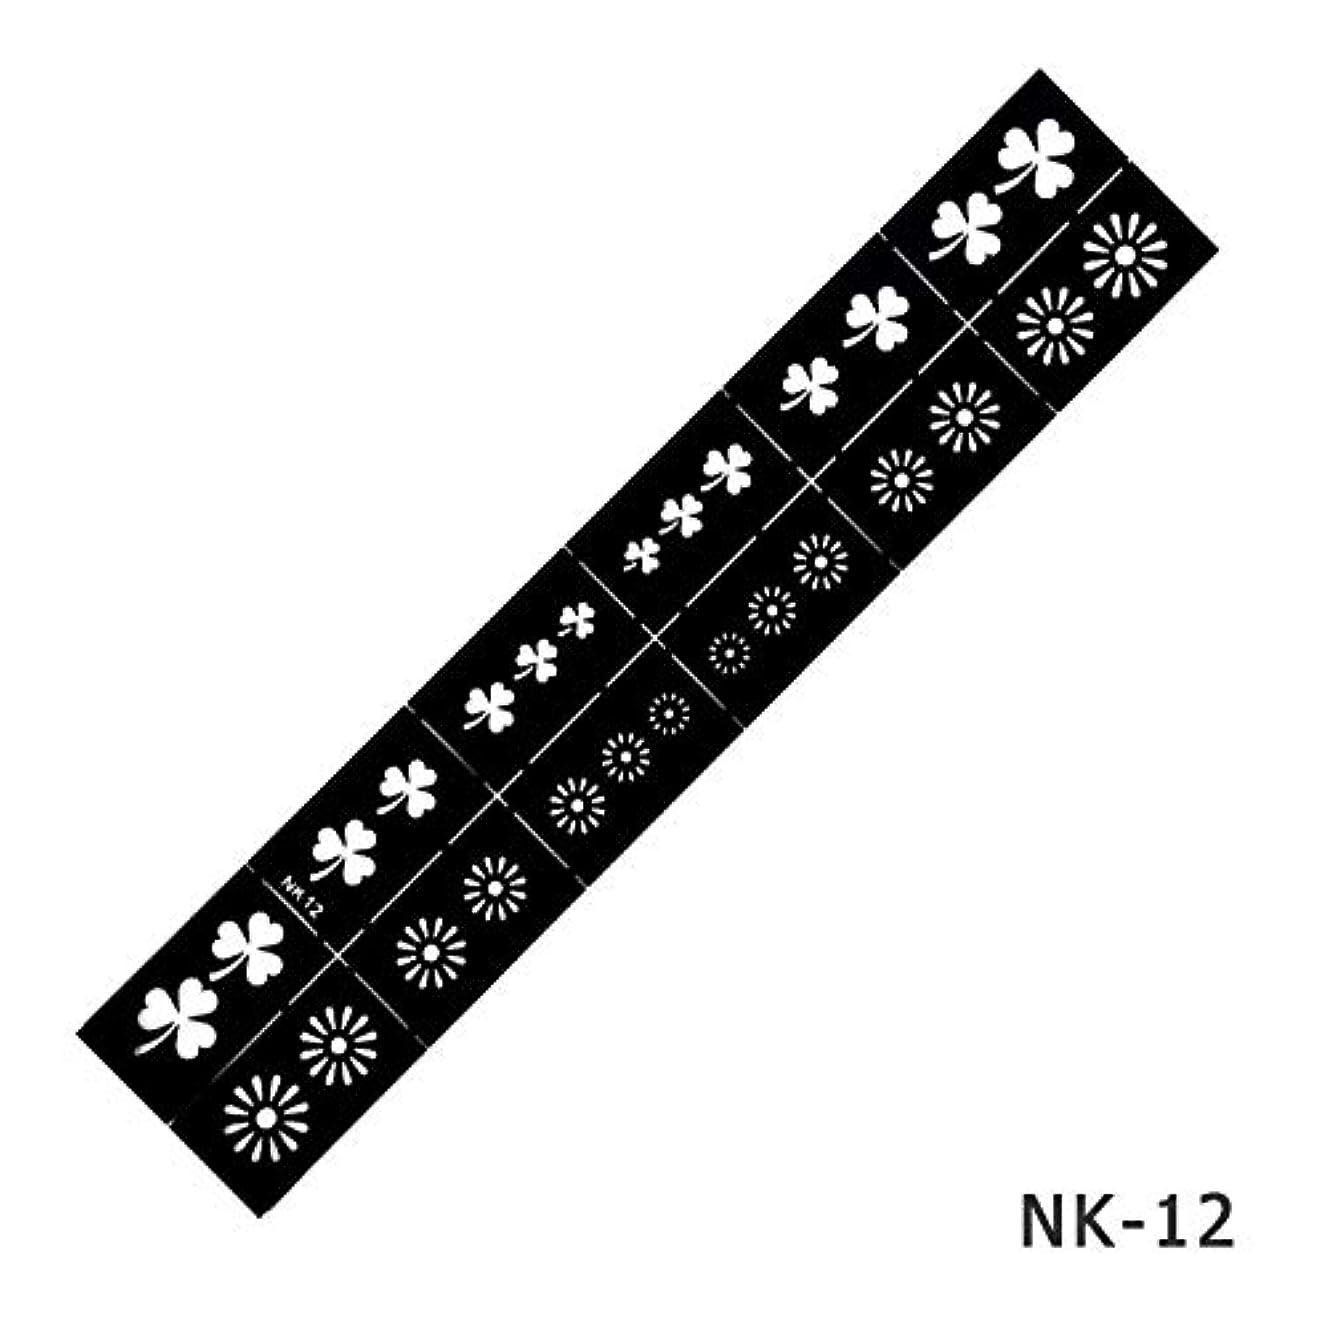 百科事典基本的な想像力SUKTI&XIAO ネイルステッカー 1シートネイルアートのヒントガイド中空ステッカークリスタルフレンチマニキュアテンプレート3Dステンシルデカールフォームスタイリングツール、Nk12